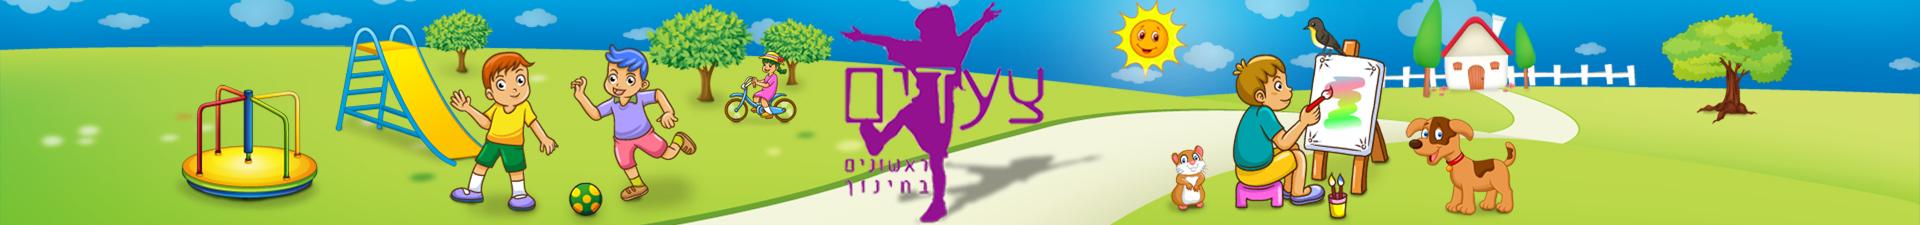 לוגו של צעדים ראשונים בחינוך